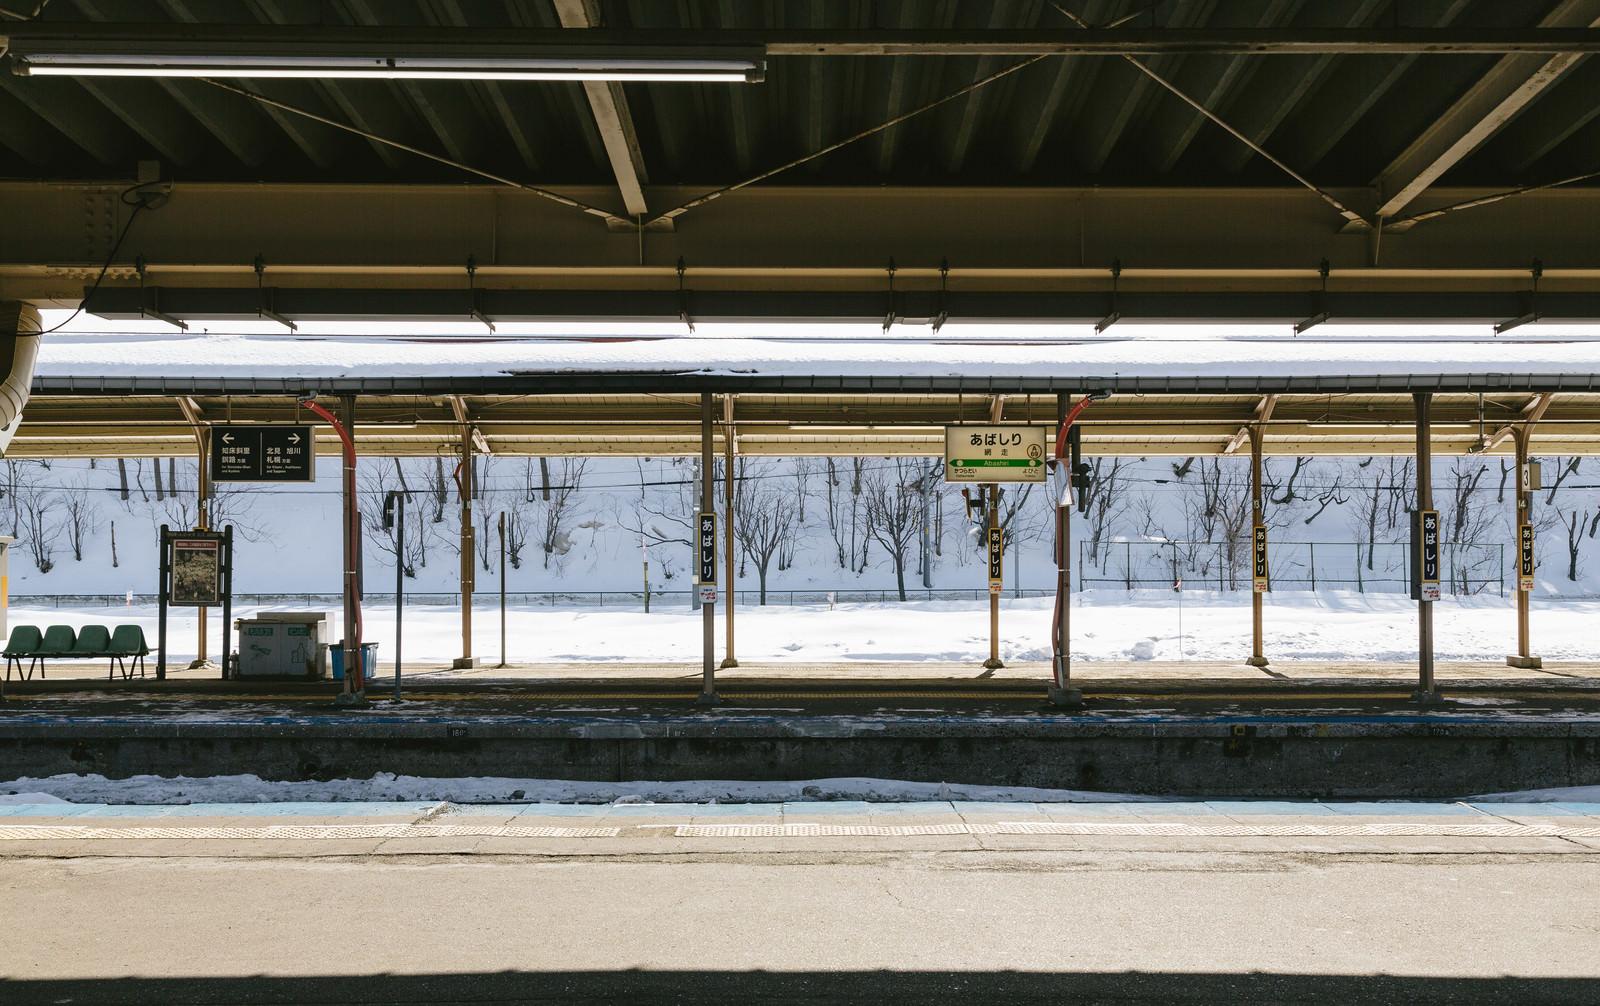 「雪が残る網走駅のホーム」の写真